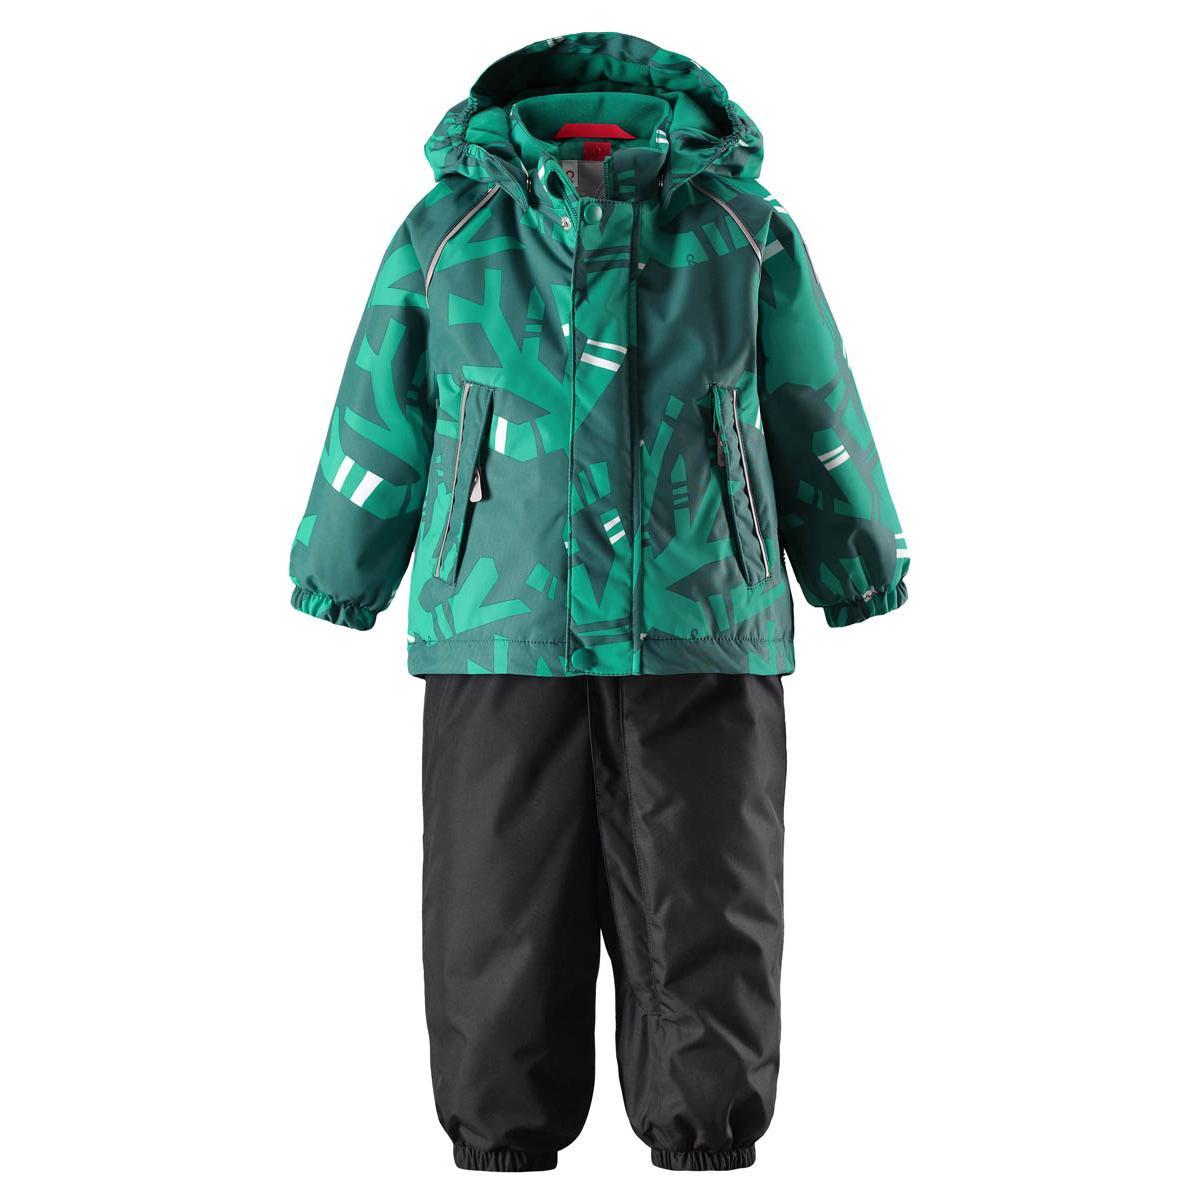 Комплект горнолыжный Reima 2017-18 Reimatec® winter set, Kuusi Green Детская одежда 1351842  - купить со скидкой